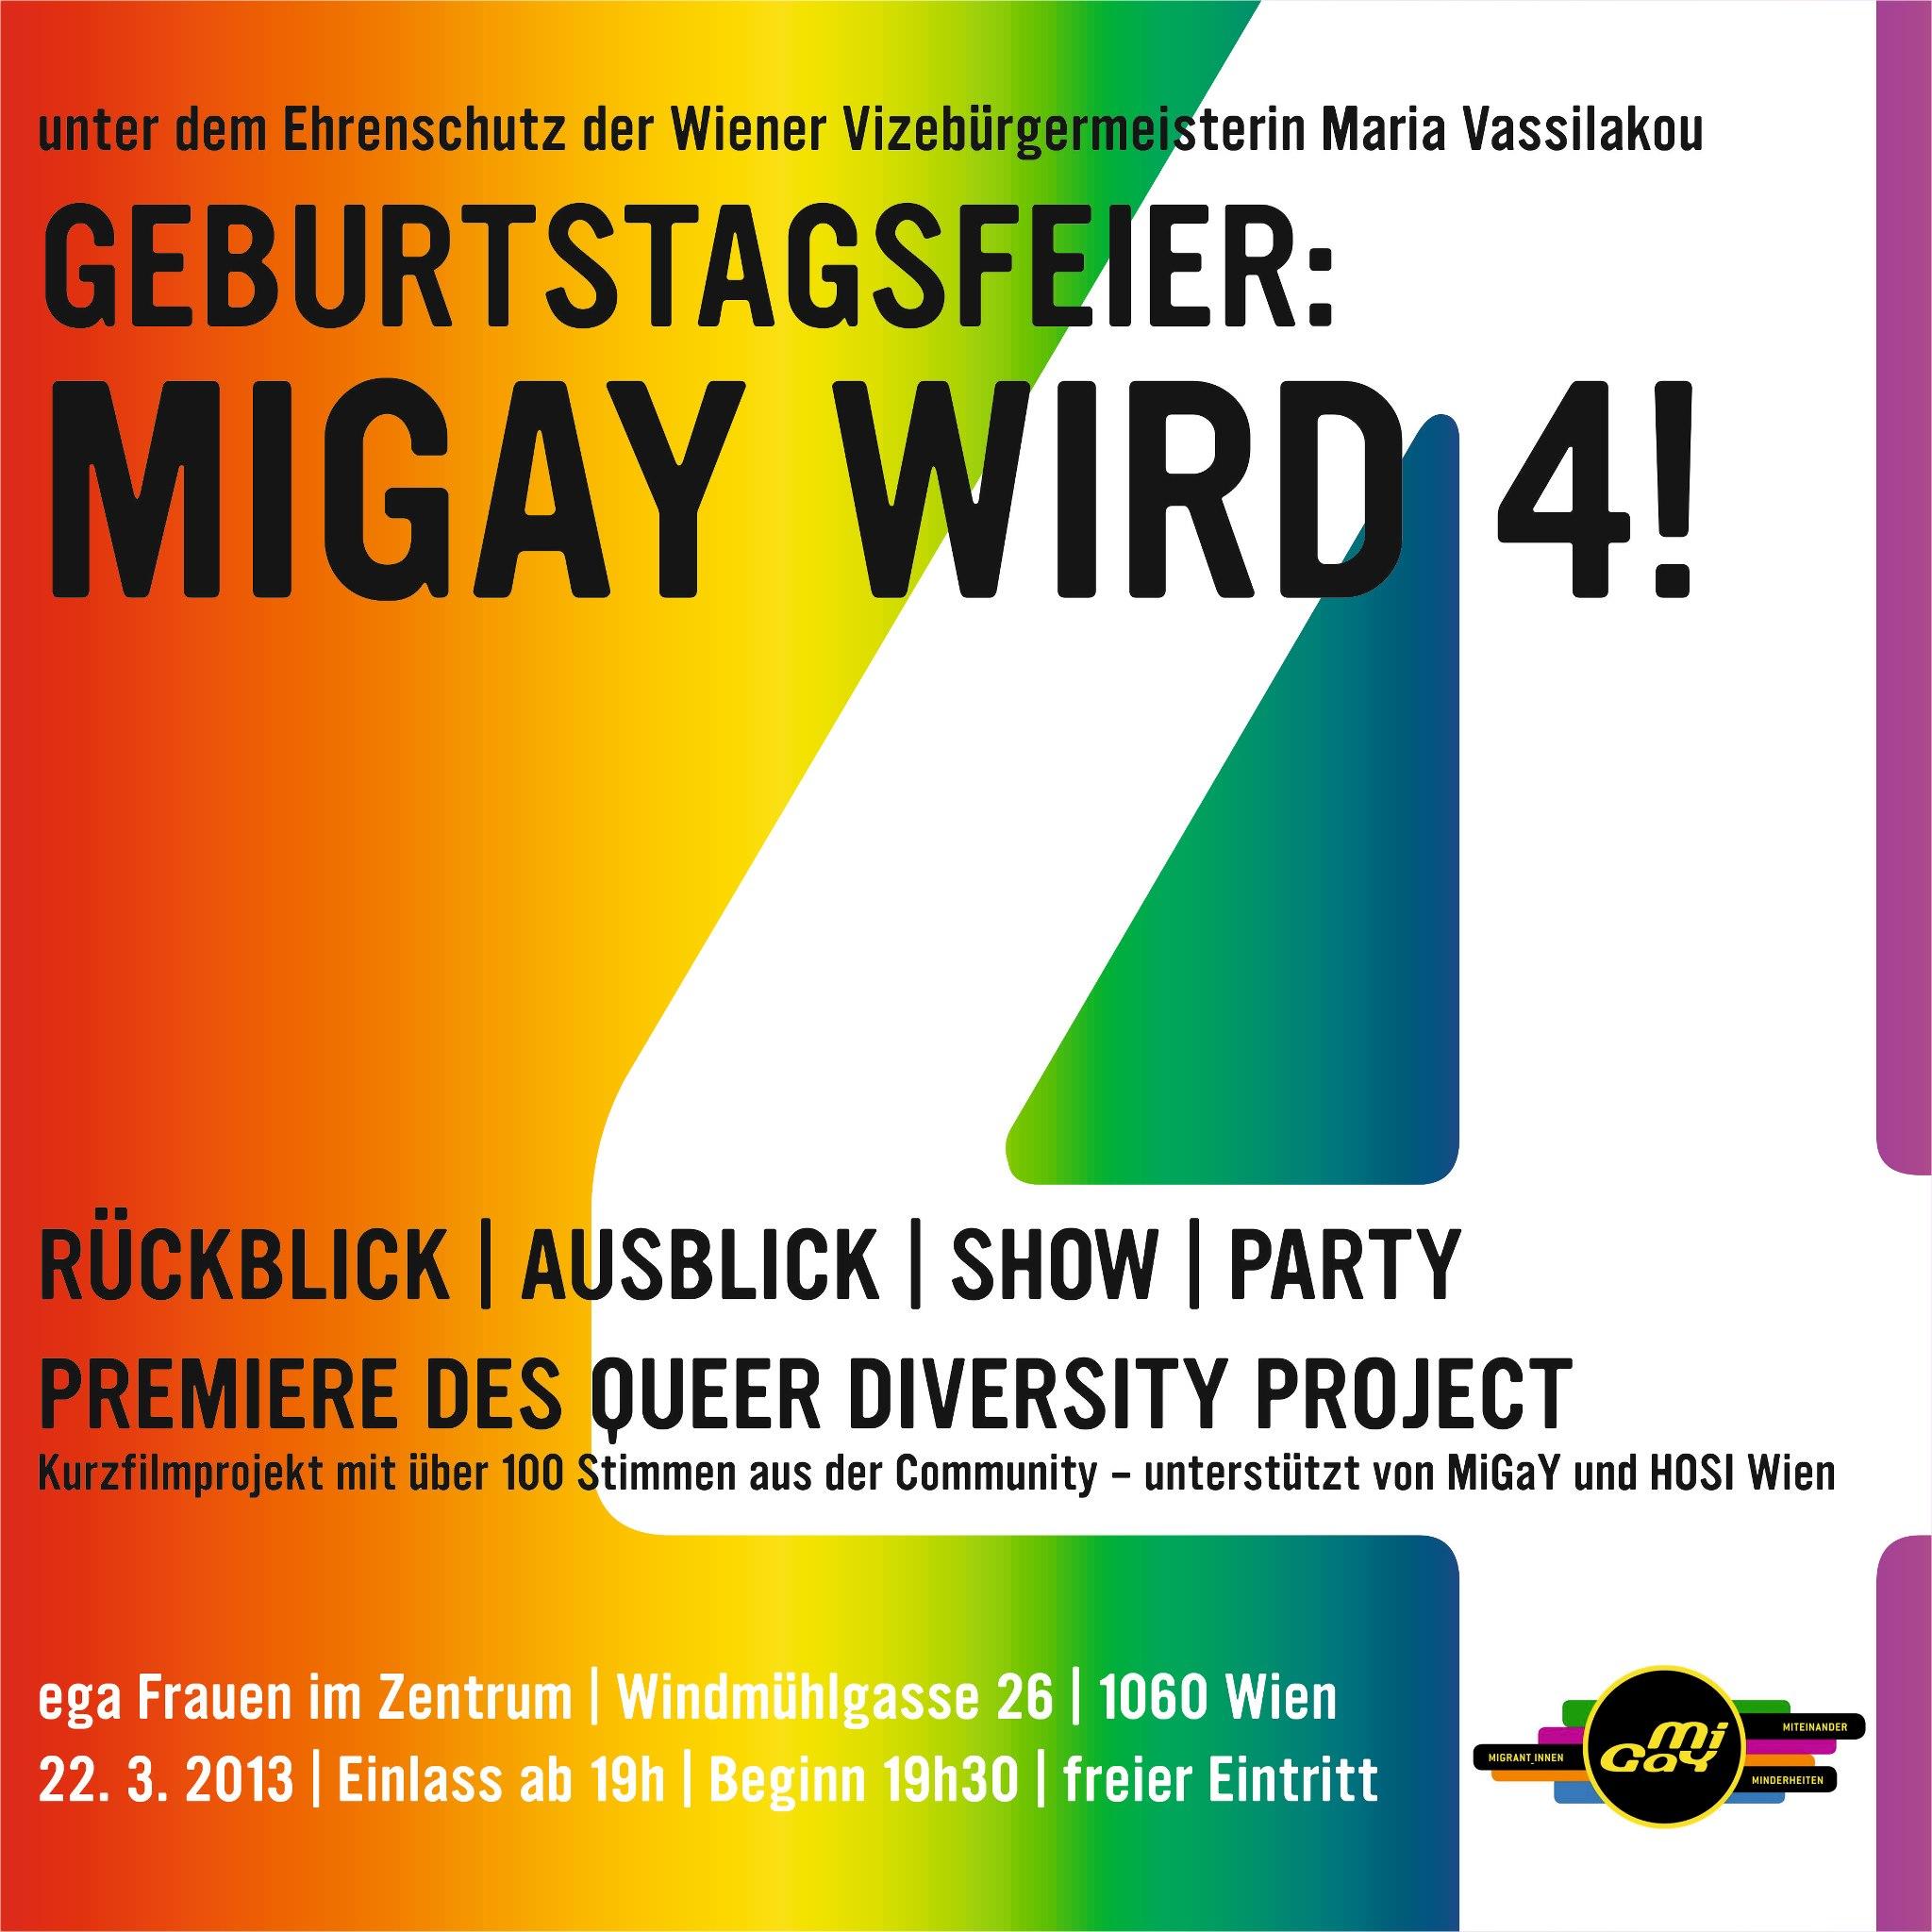 Queer Diversity Project - MiGaY-Feier